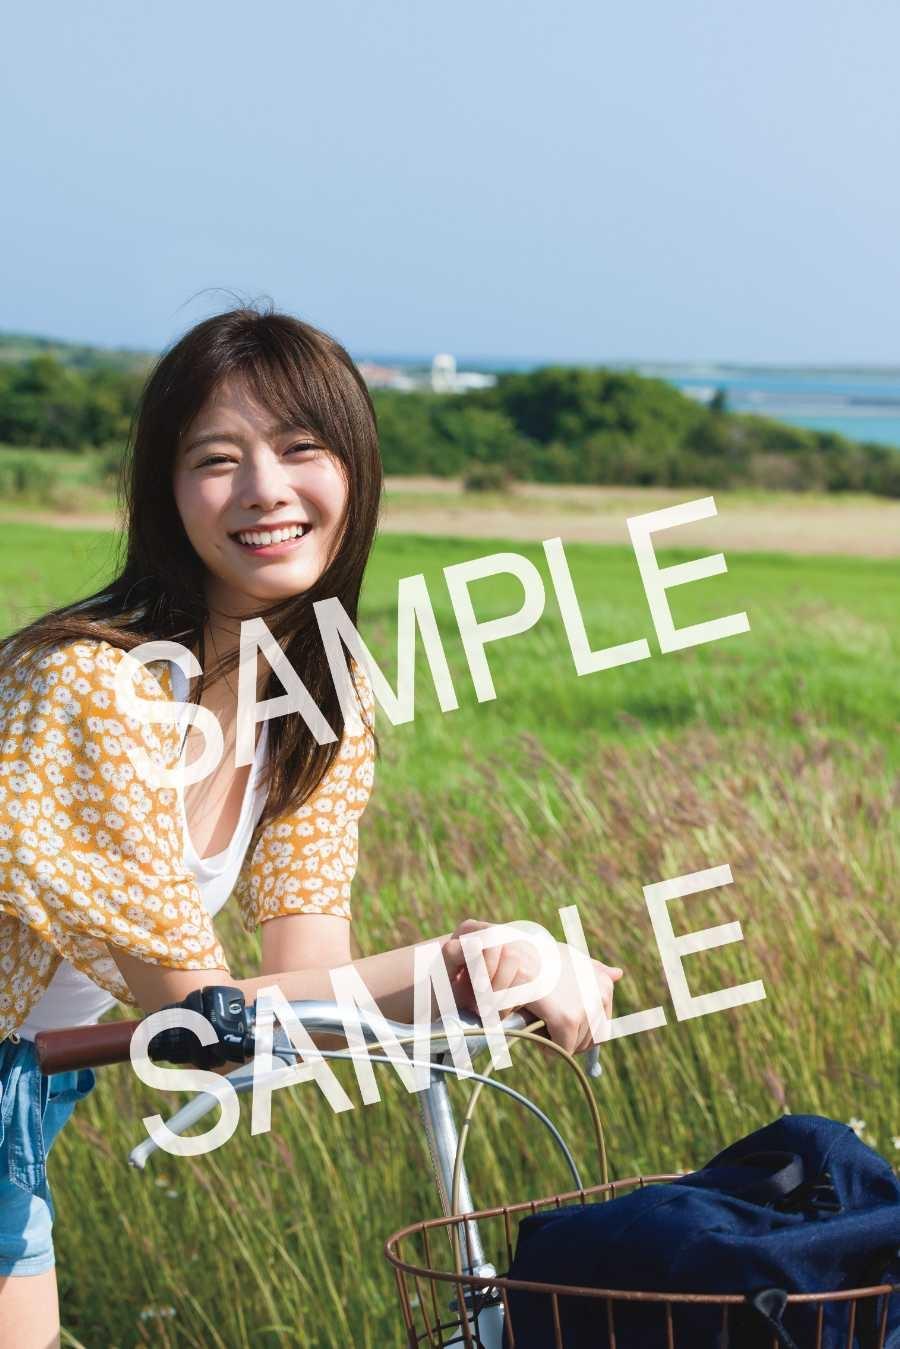 写真は書泉版特典(提供:小学館)(撮影:Takeo Dec.)